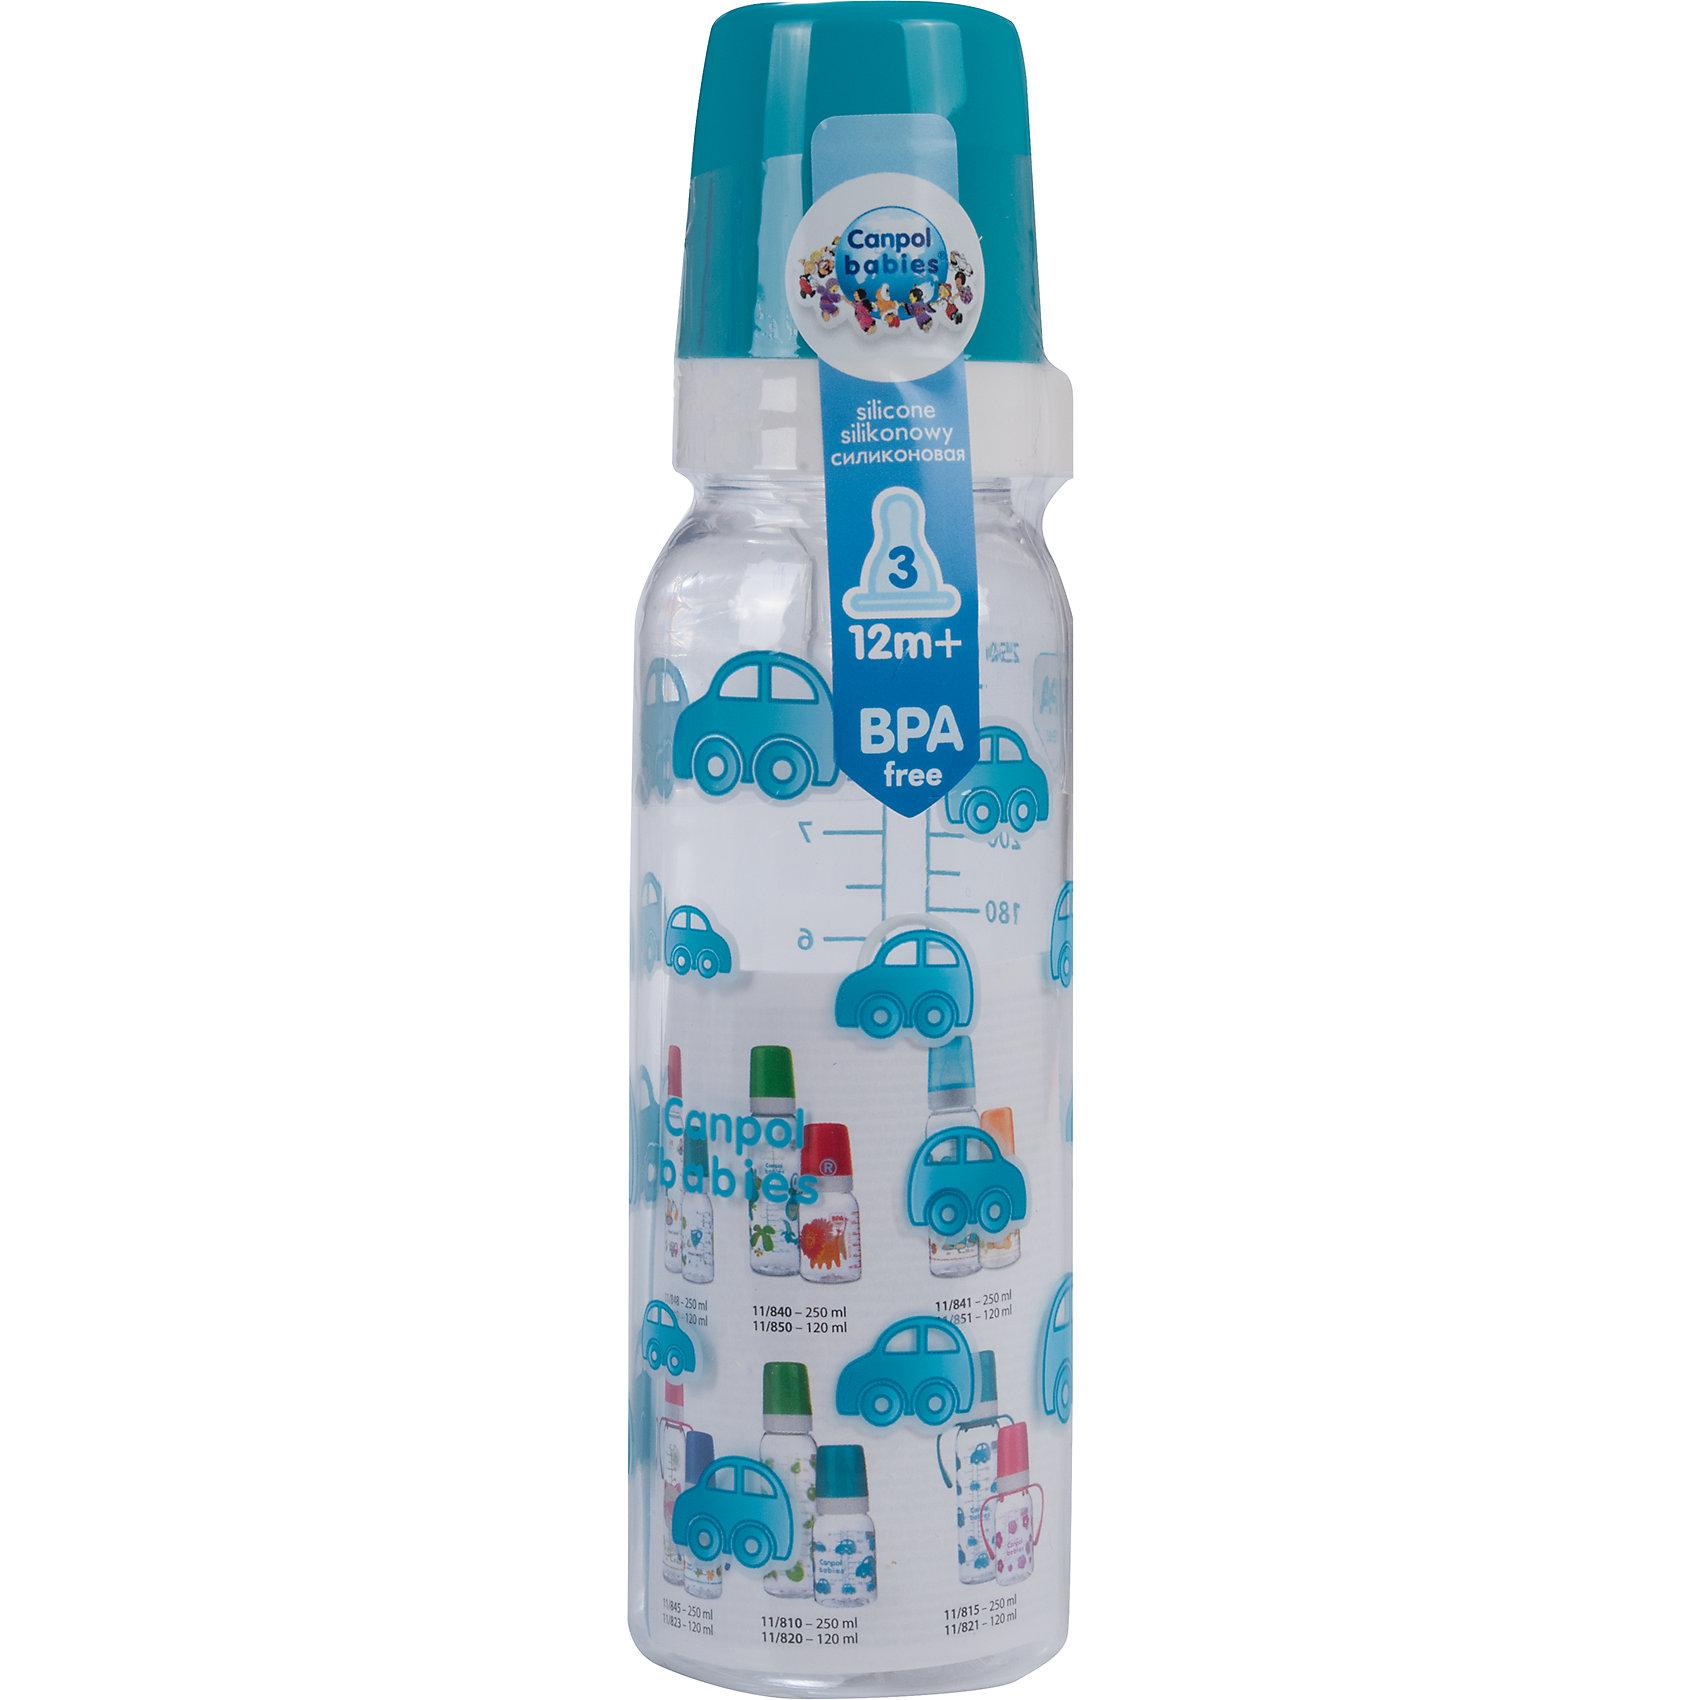 Бутылочка тритановая (BPA 0%) с сил. соской, 250 мл. 12+, Canpol Babies, бирюзовыйБутылочка тритановая (BPA 0%) с сил. соской, 250 мл. 12+, Canpol Babies, (Канпол Бейбис), бирюзовый.<br><br>Характеристики: <br><br>• Объем бутылочки: 250 мл.<br>• Материал бутылочки: тритан - пластик нового поколения.<br>• Материал соски: силикон.<br>• Цвет : бирюзовый. <br>Бутылочка тритановая (BPA 0%) с сил. соской, 250 мл. 12+, Canpol Babies, (Канпол Бейбис) имеет классическую форму. Удобна в использовании дома и в дороге. Бутылочка выполнена из безопасного качественного материала - тритана, который хорошо держит тепло, снабжена силиконовой соской (быстрый поток) и защитным колпачком, имеет удобную мерную шкалу.  Такую бутылочку и все части можно кипятить в воде или стерилизовать с помощью специального прибора. Не впитывает запахи. Бутылочка выполнена в бирюзовом цвете и украшена забавным принтом.<br>Бутылочку тритановая (BPA 0%) с сил. соской, 250 мл. 12+, Canpol Babies, (Канпол Бейбис), бирюзовый можно купить в нашем интернет- магазине.<br><br>Ширина мм: 65<br>Глубина мм: 54<br>Высота мм: 235<br>Вес г: 670<br>Возраст от месяцев: 12<br>Возраст до месяцев: 36<br>Пол: Мужской<br>Возраст: Детский<br>SKU: 5156807